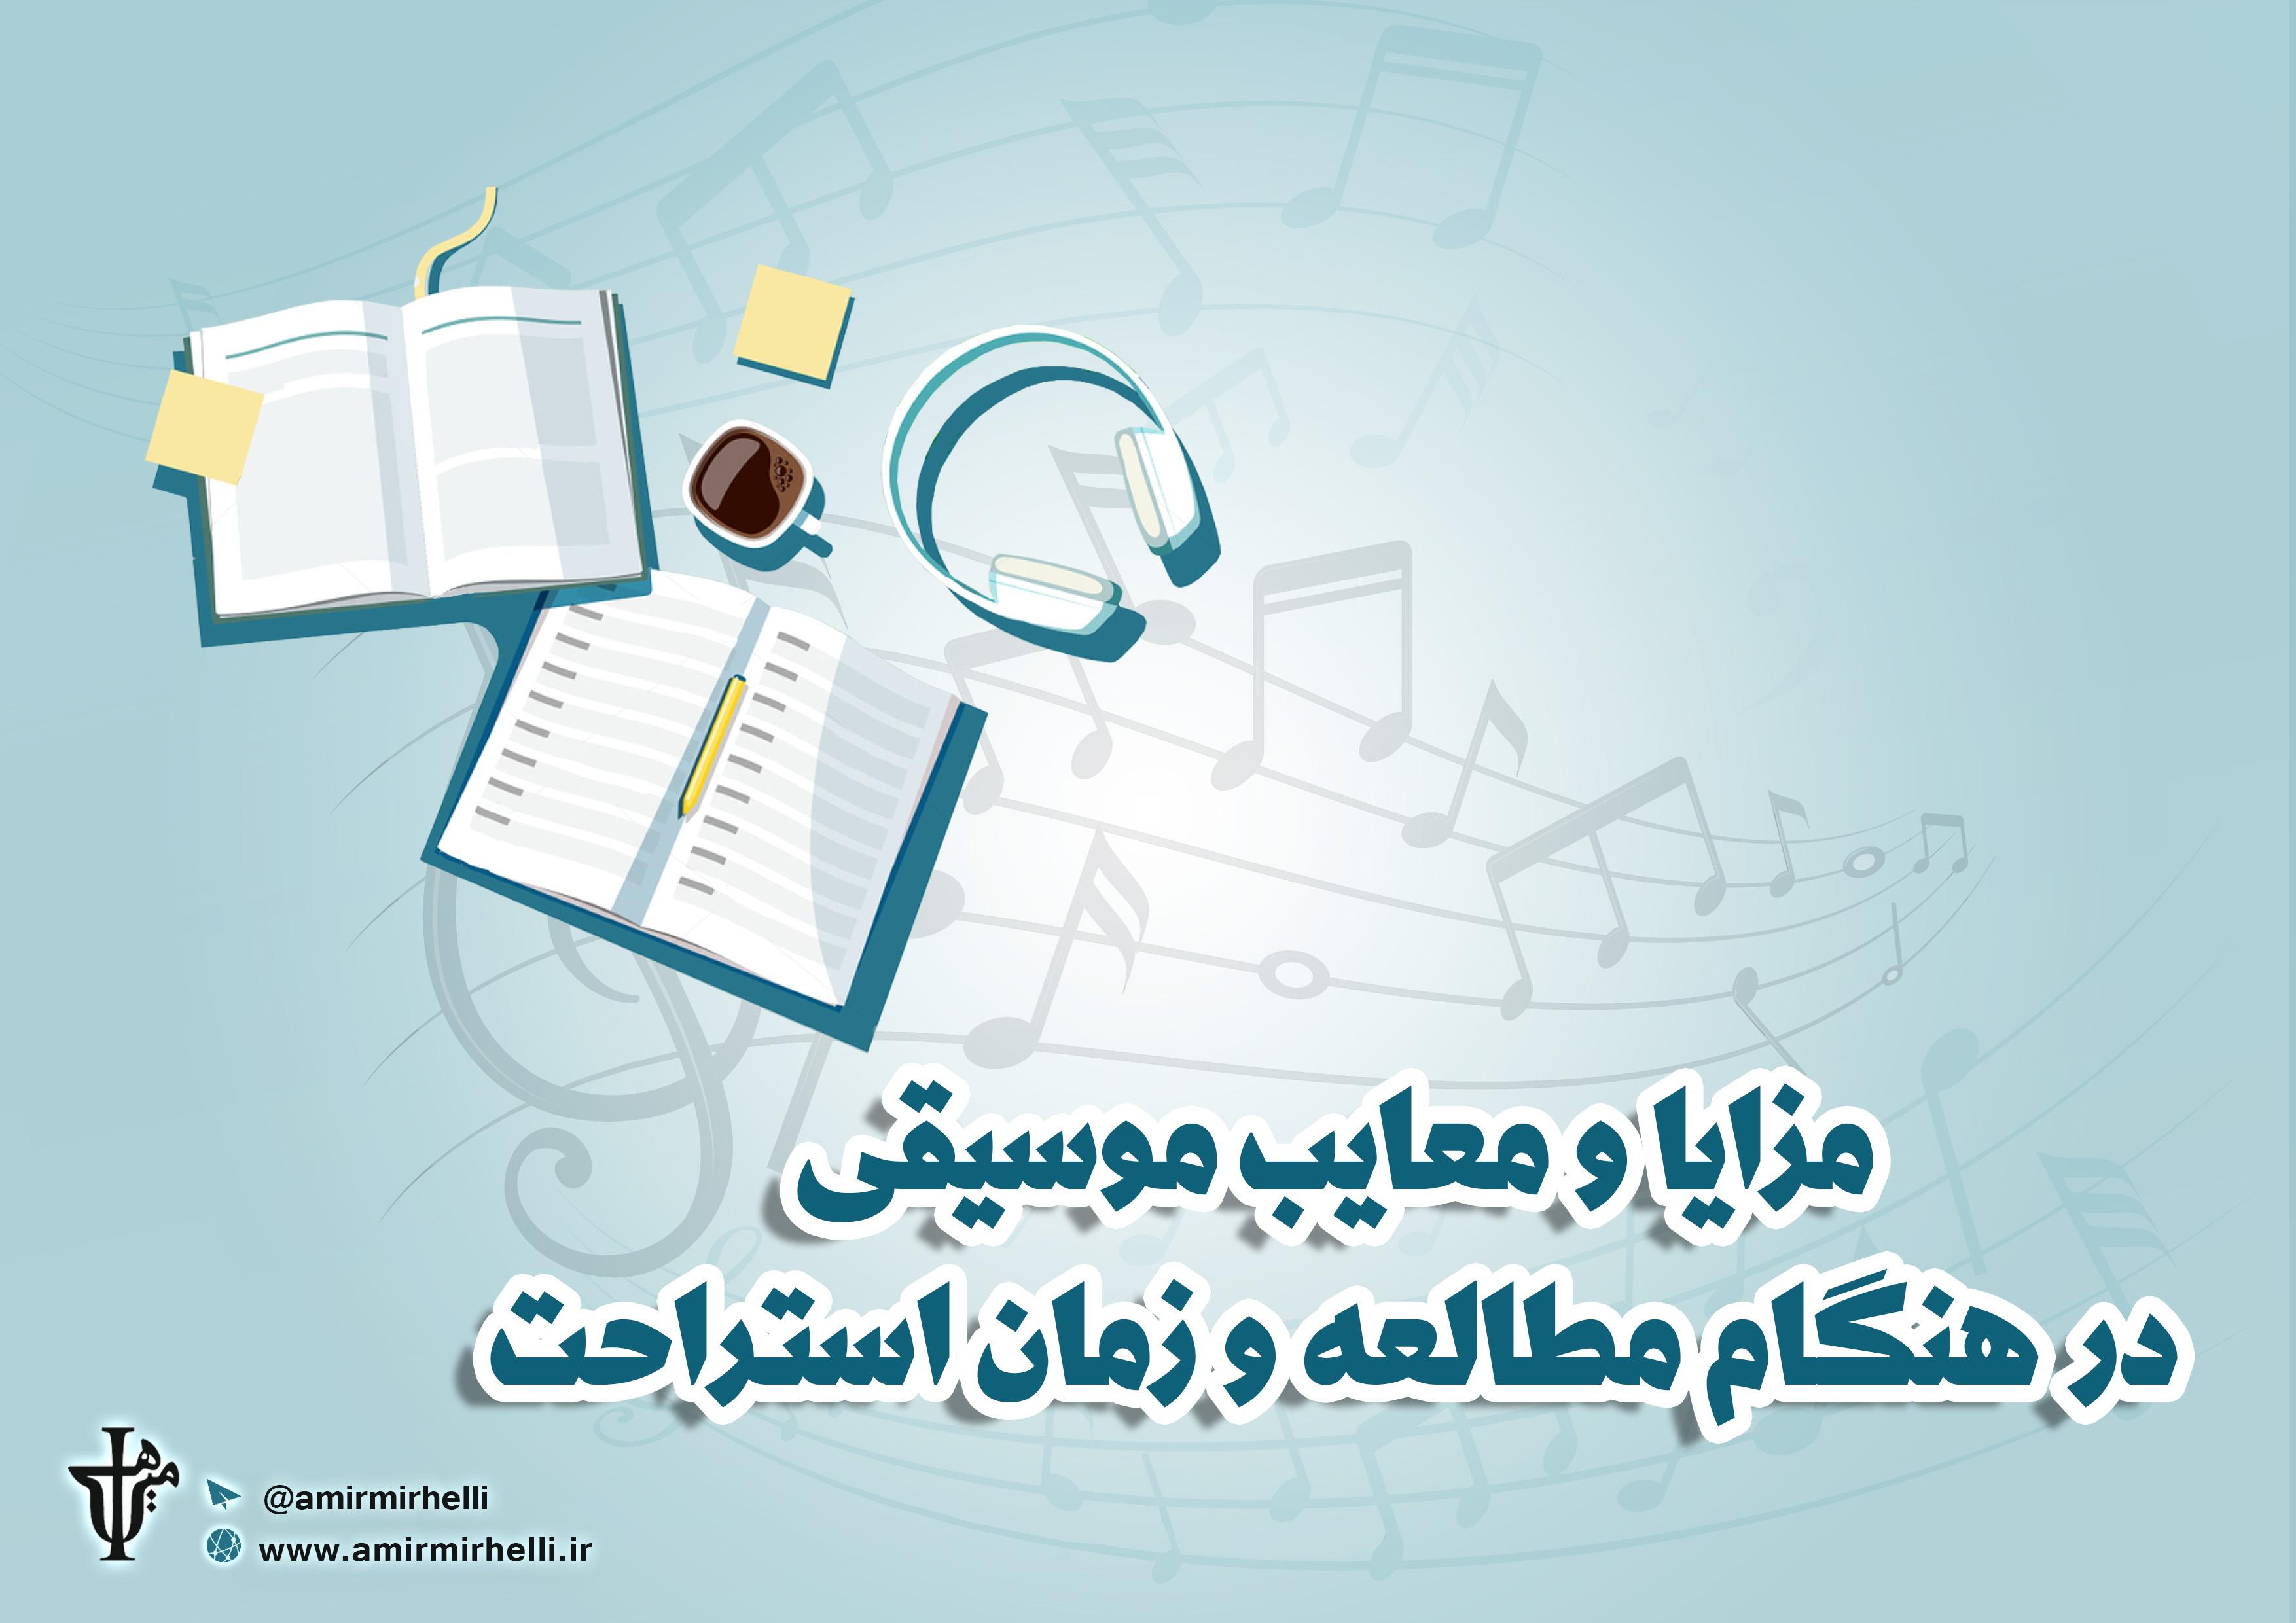 مزایا و معایب موسیقی در هنگام مطالعه و زمان استراحت